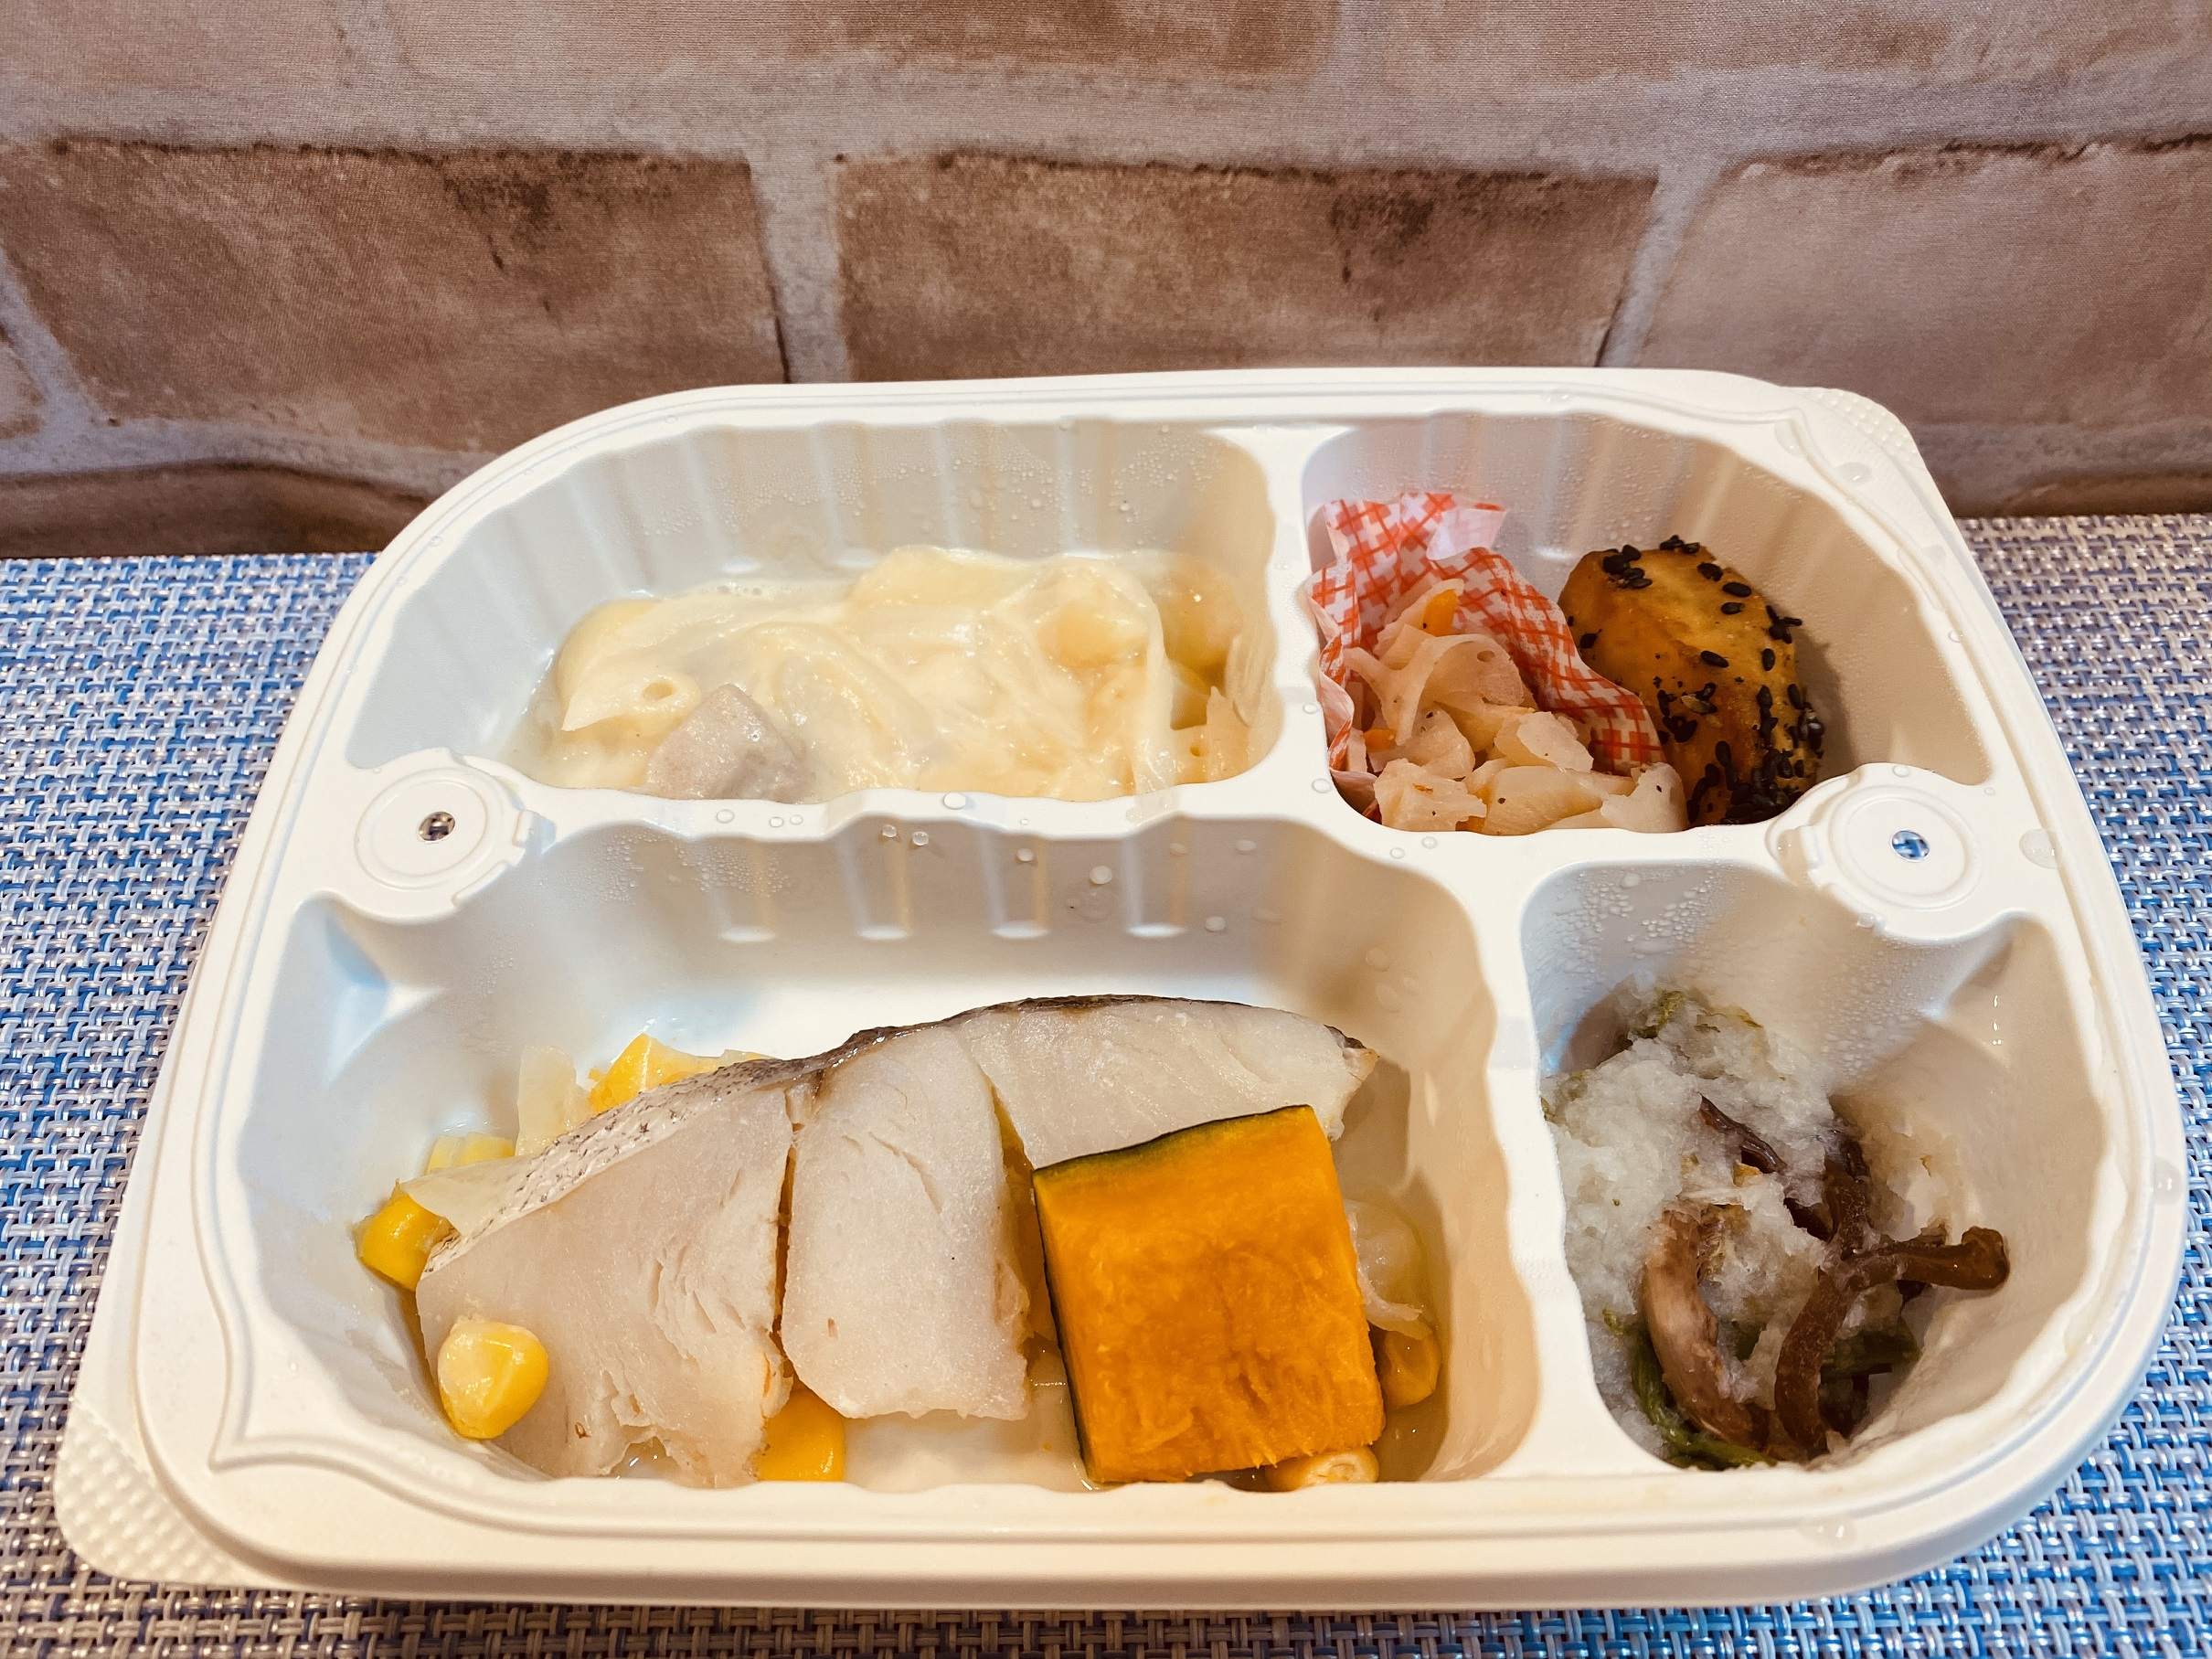 (メニューの一例)メルルーサの梅風味焼、鶏肉と玉ねぎの煮物、大学芋、山菜の和え物(わらび、ぜんまい)